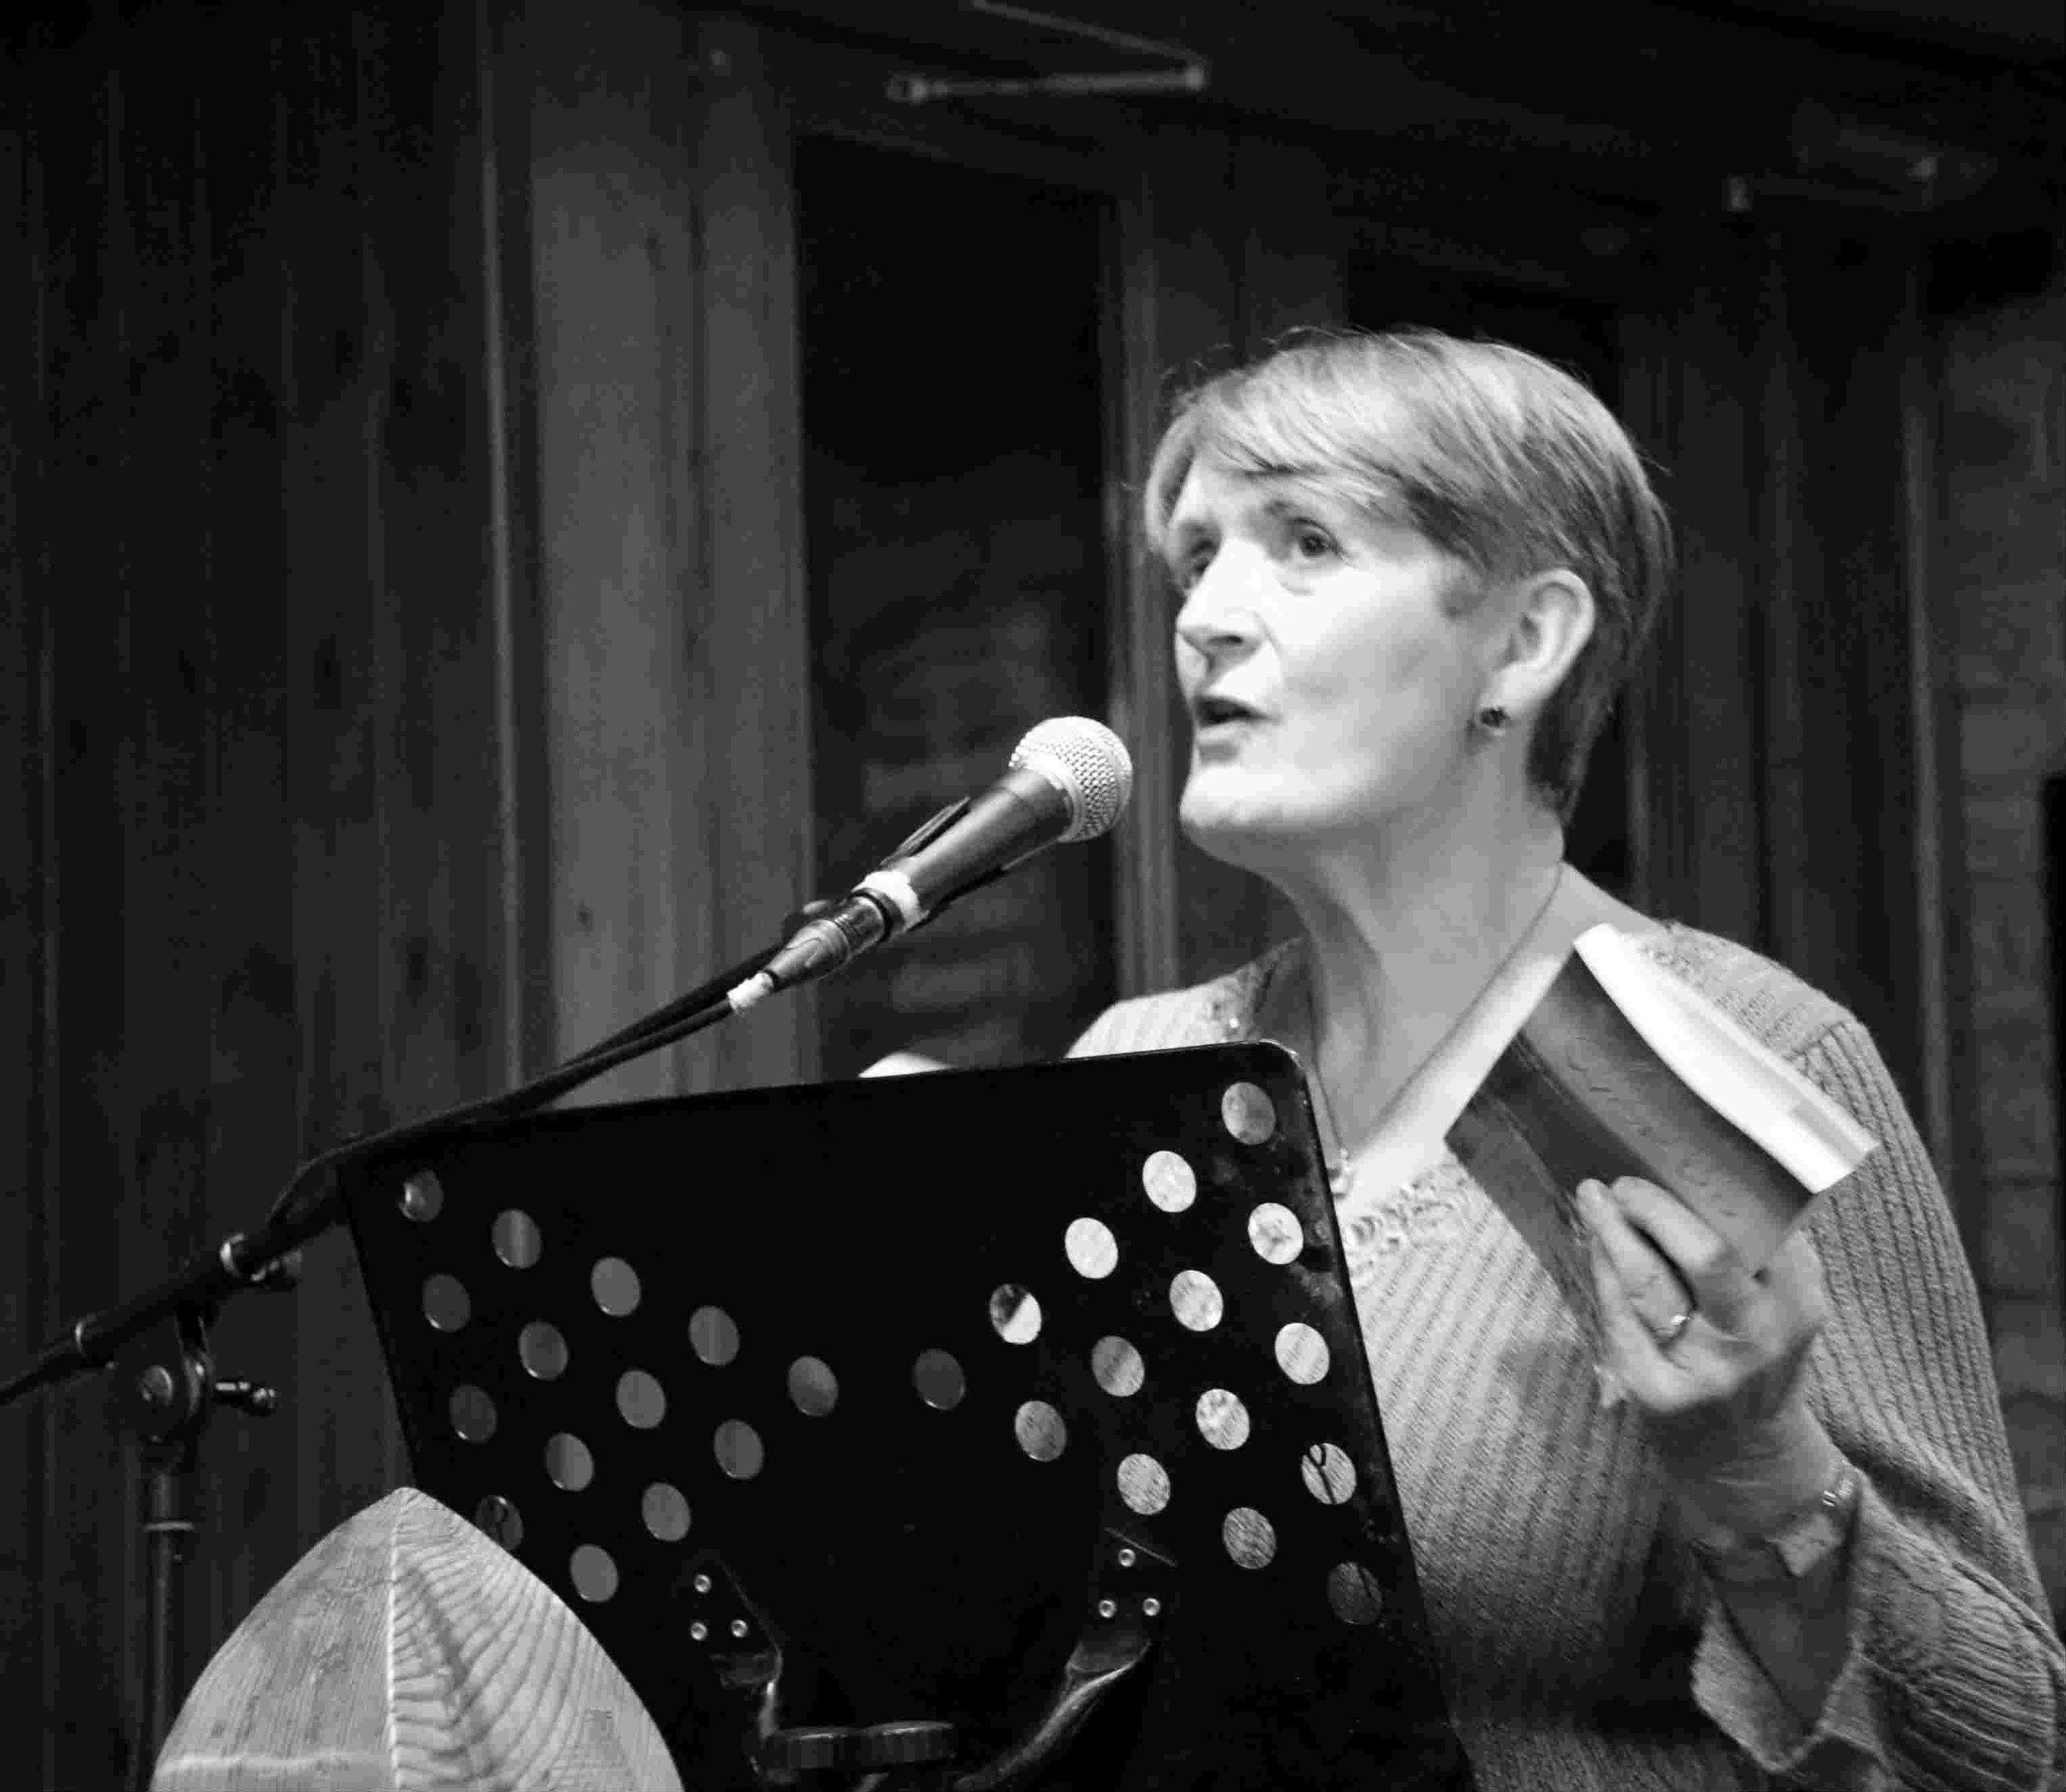 Poetry Reading with Mick Delap - Allingham Festival 2016, Ballyshannon-23.jpg